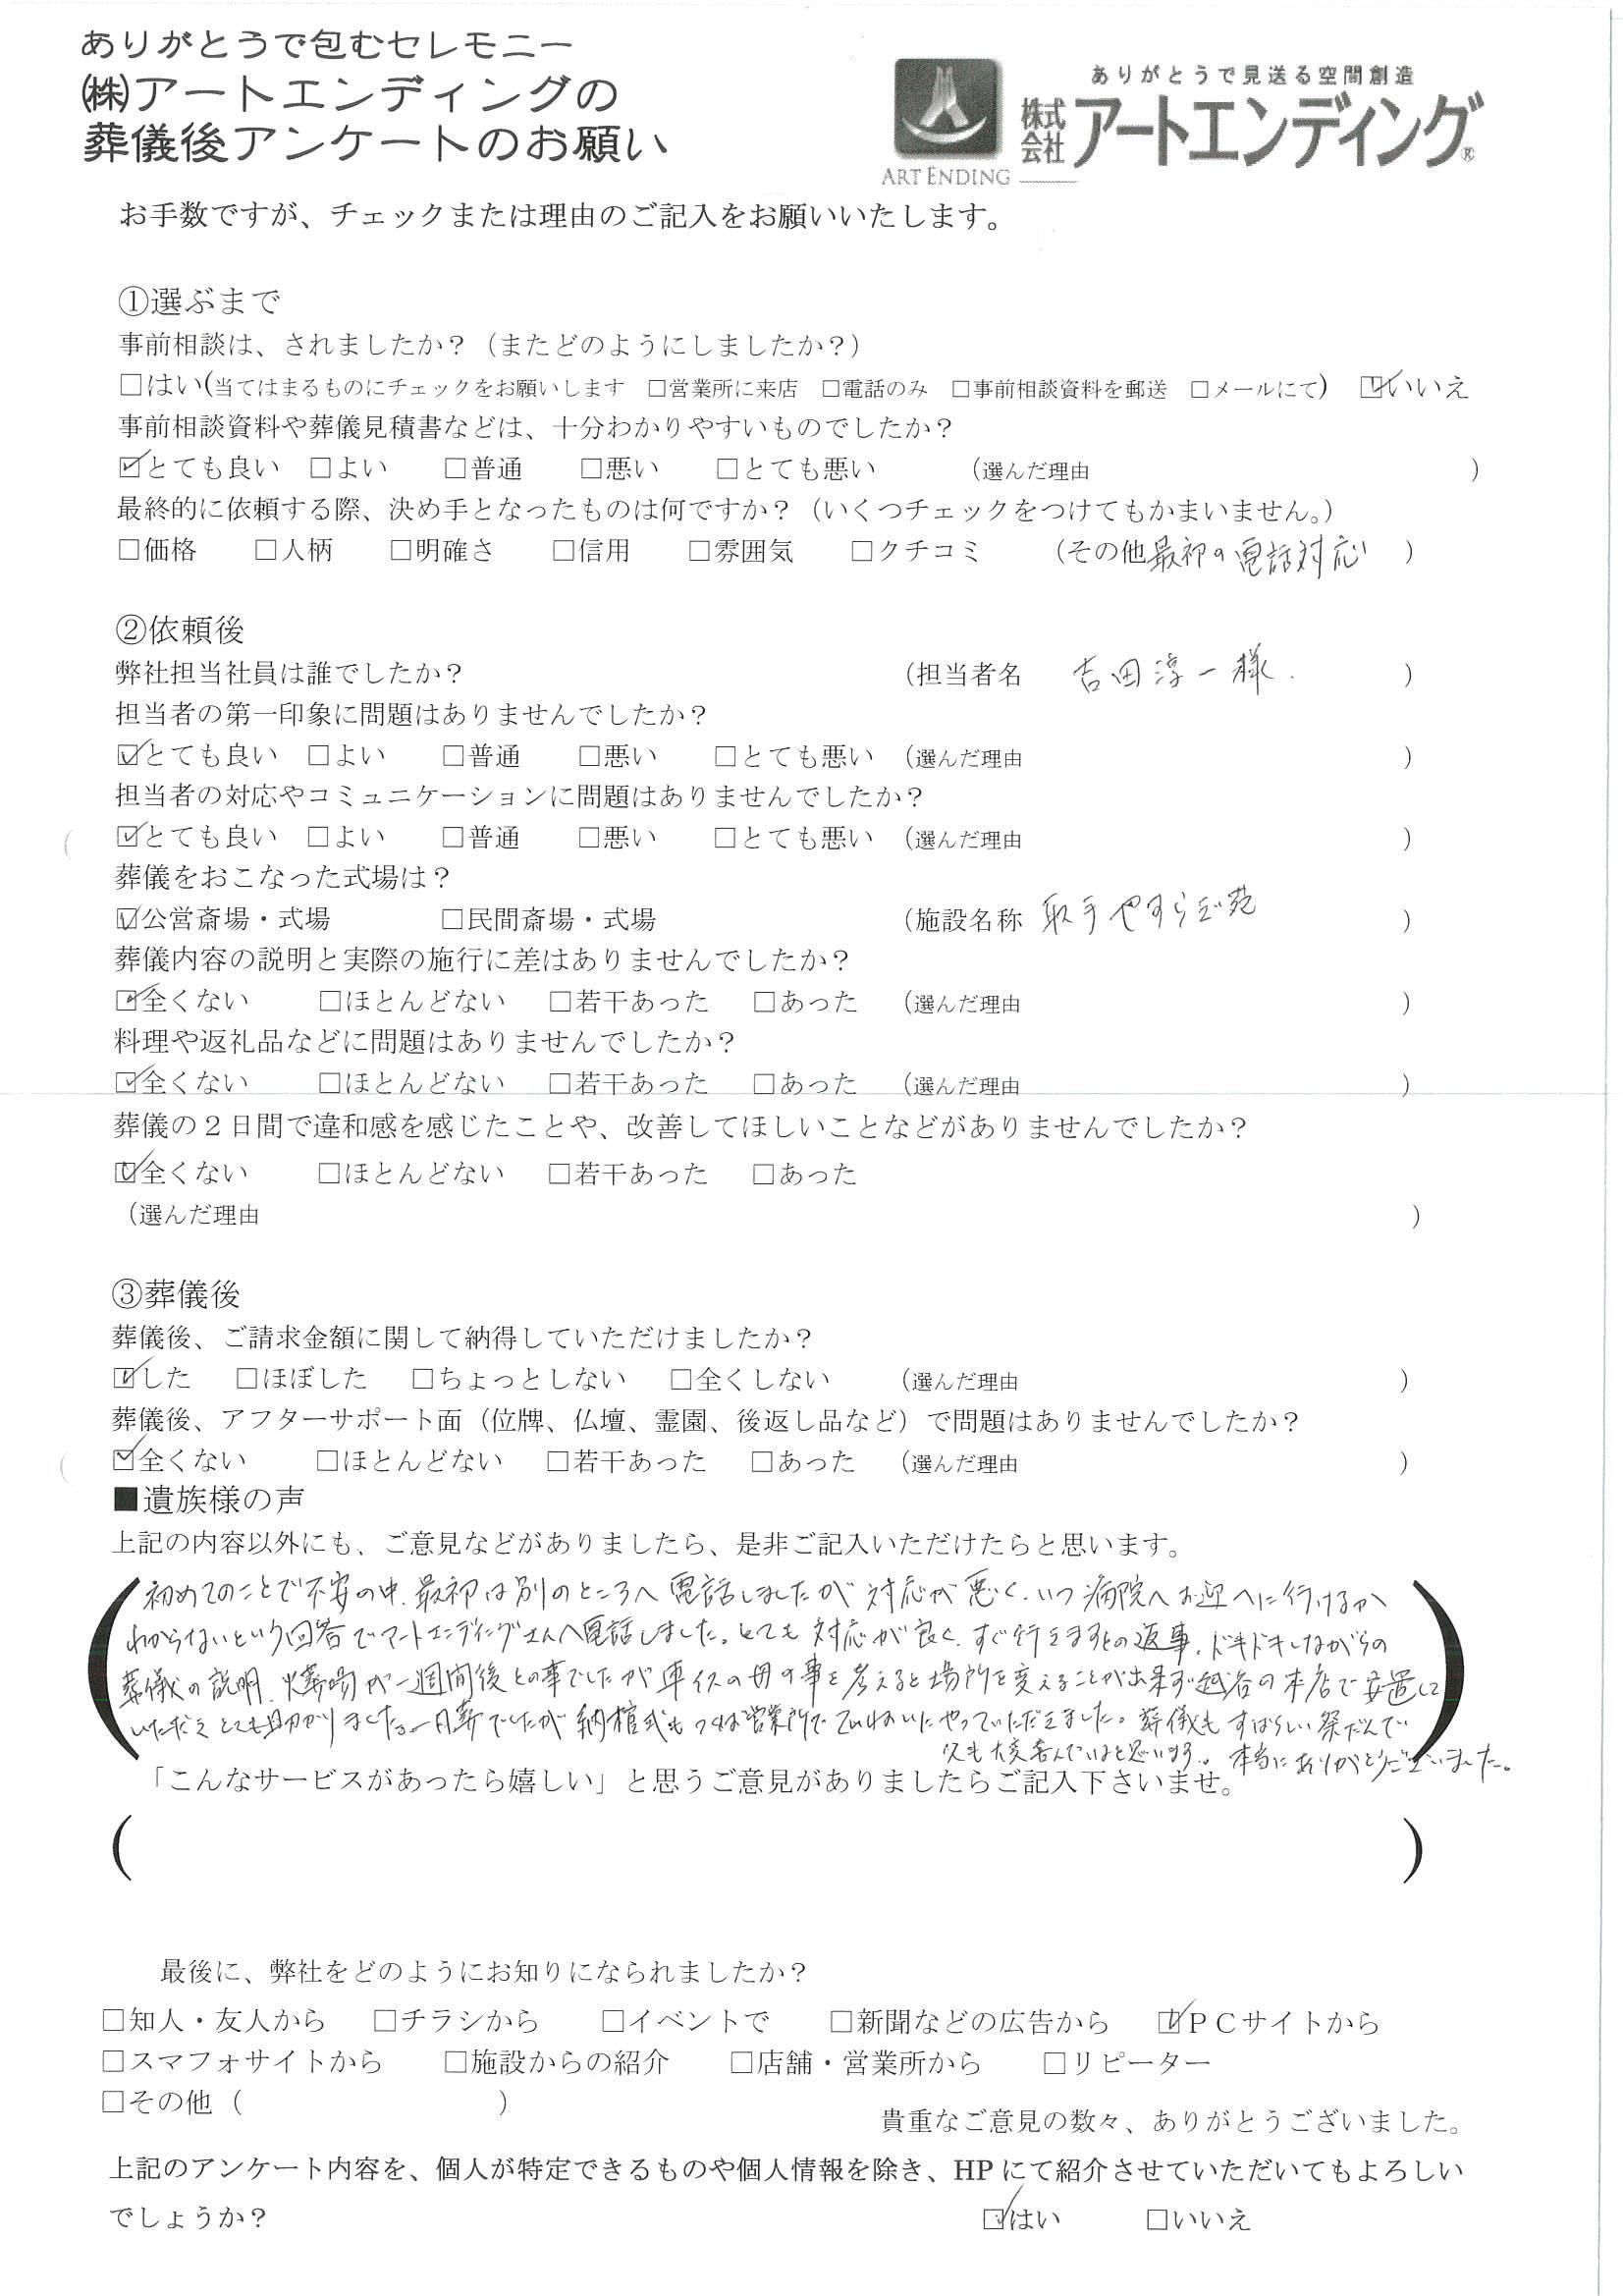 所沢市斎場   ブログ   Page 2